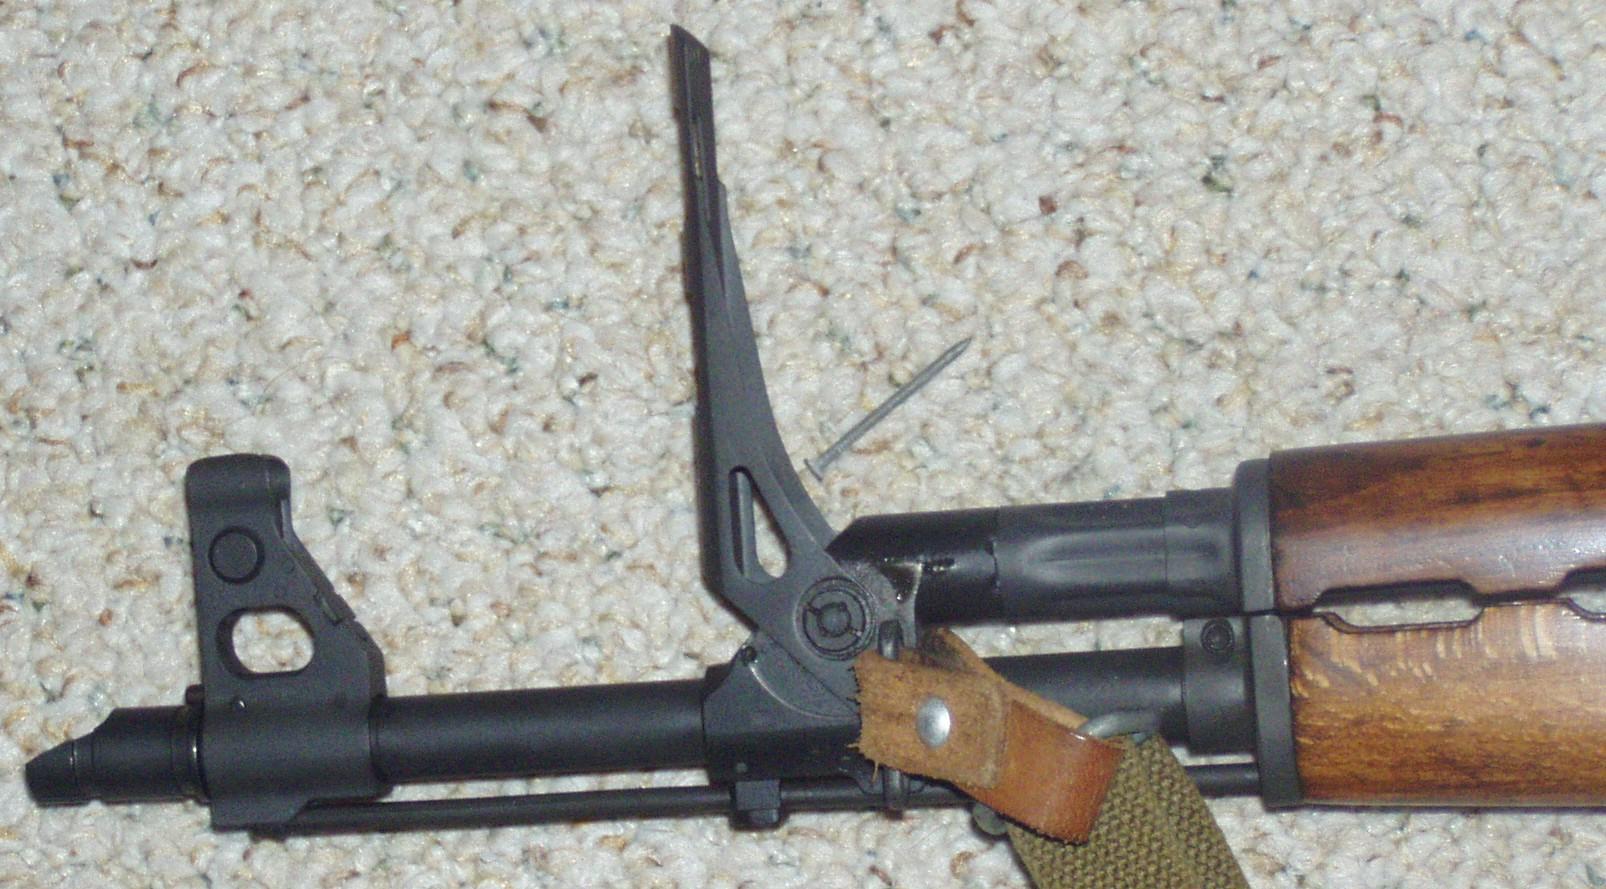 Zastava_M72AB2_grenade_sights_raised.JPG